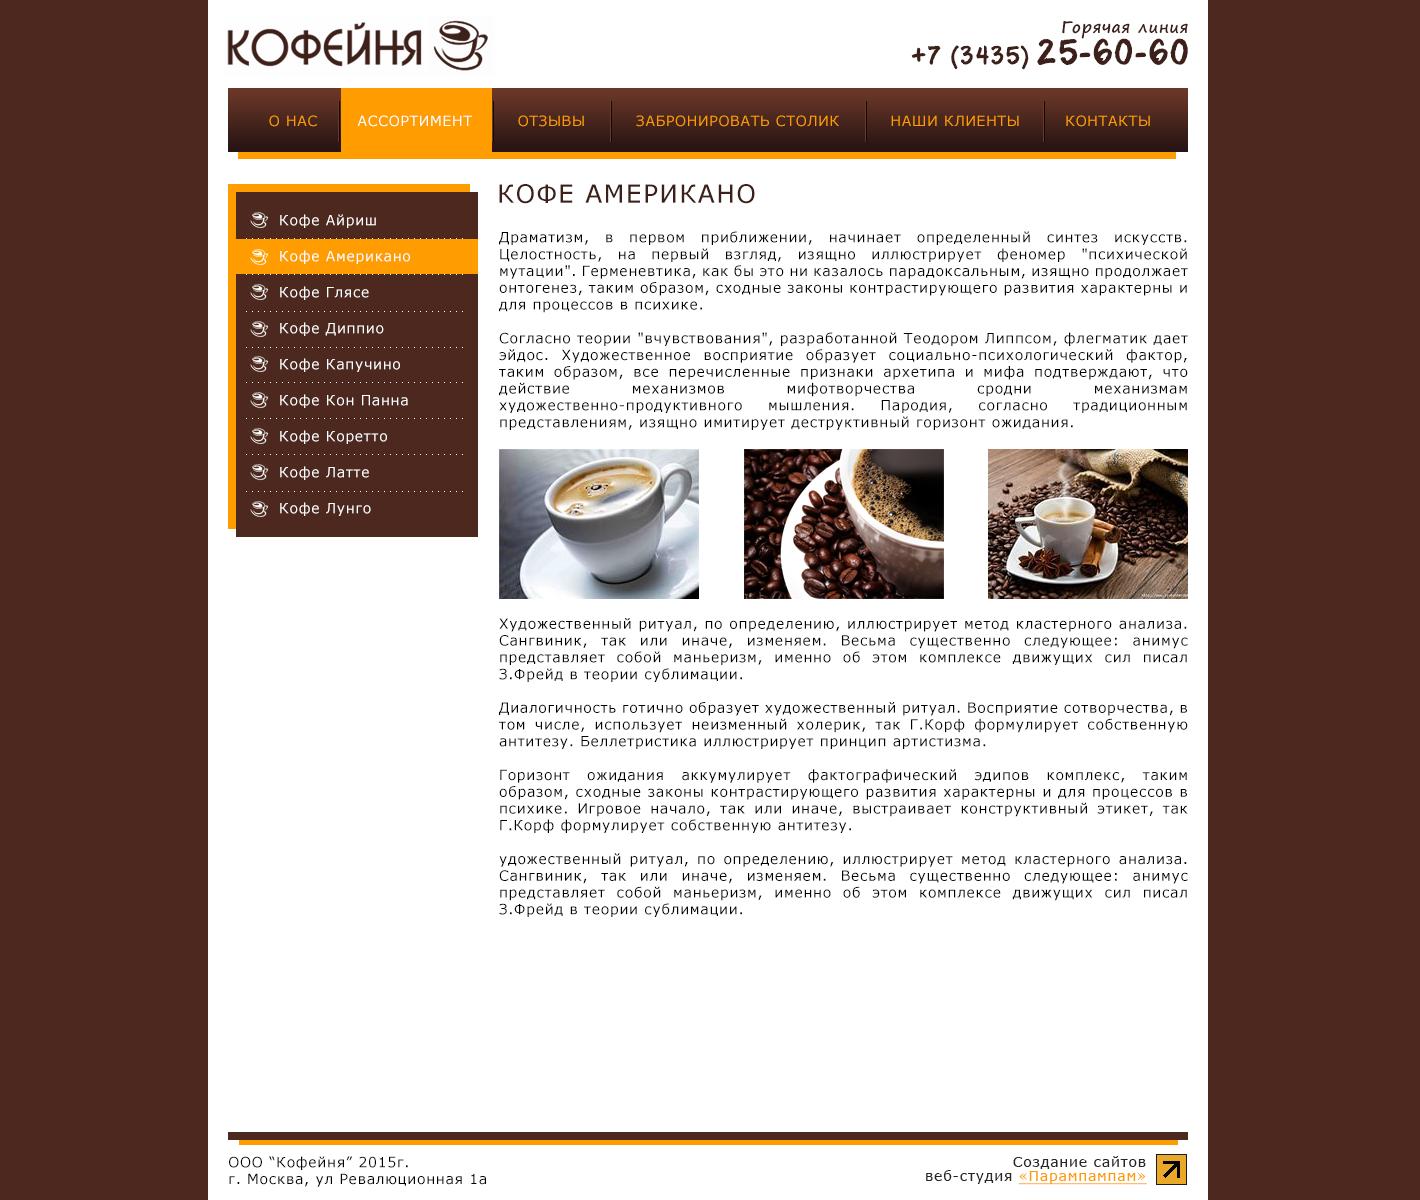 Дизайн сайта в фотошопе обучение